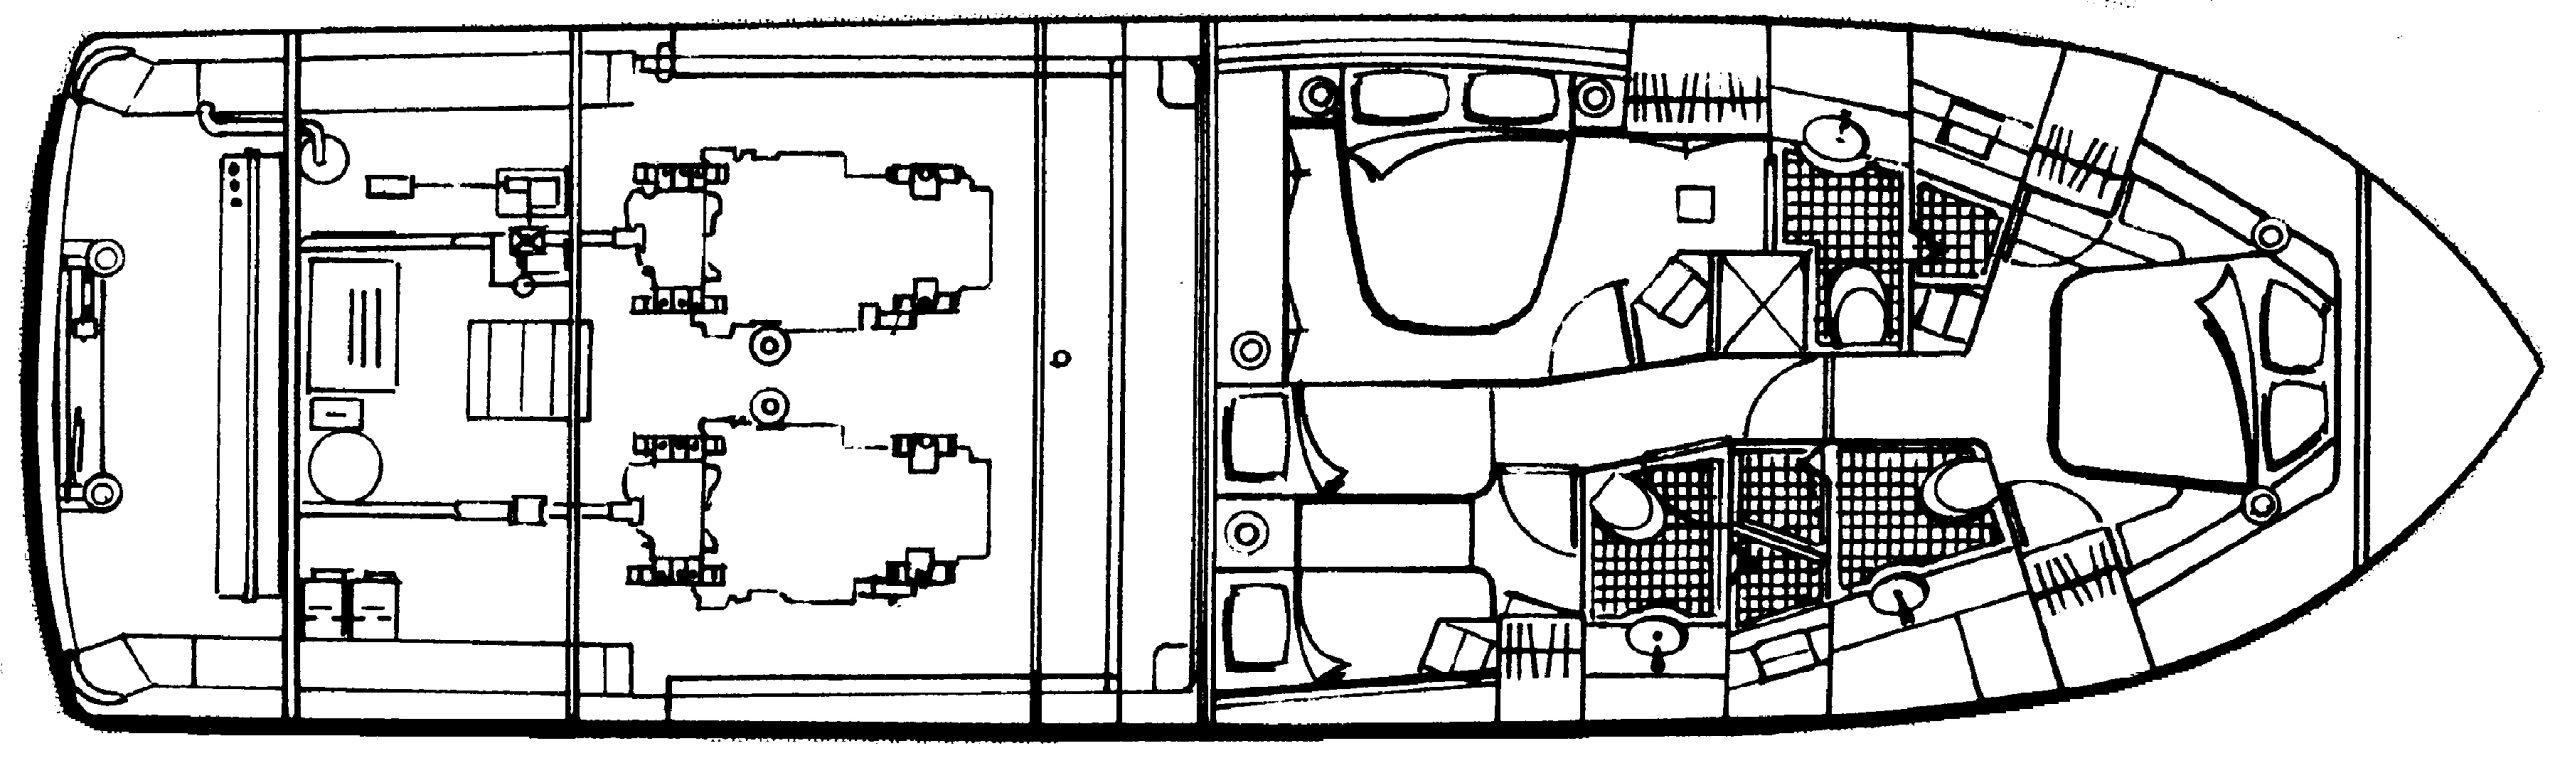 Bertram 570 Convertible Floor Plan 2